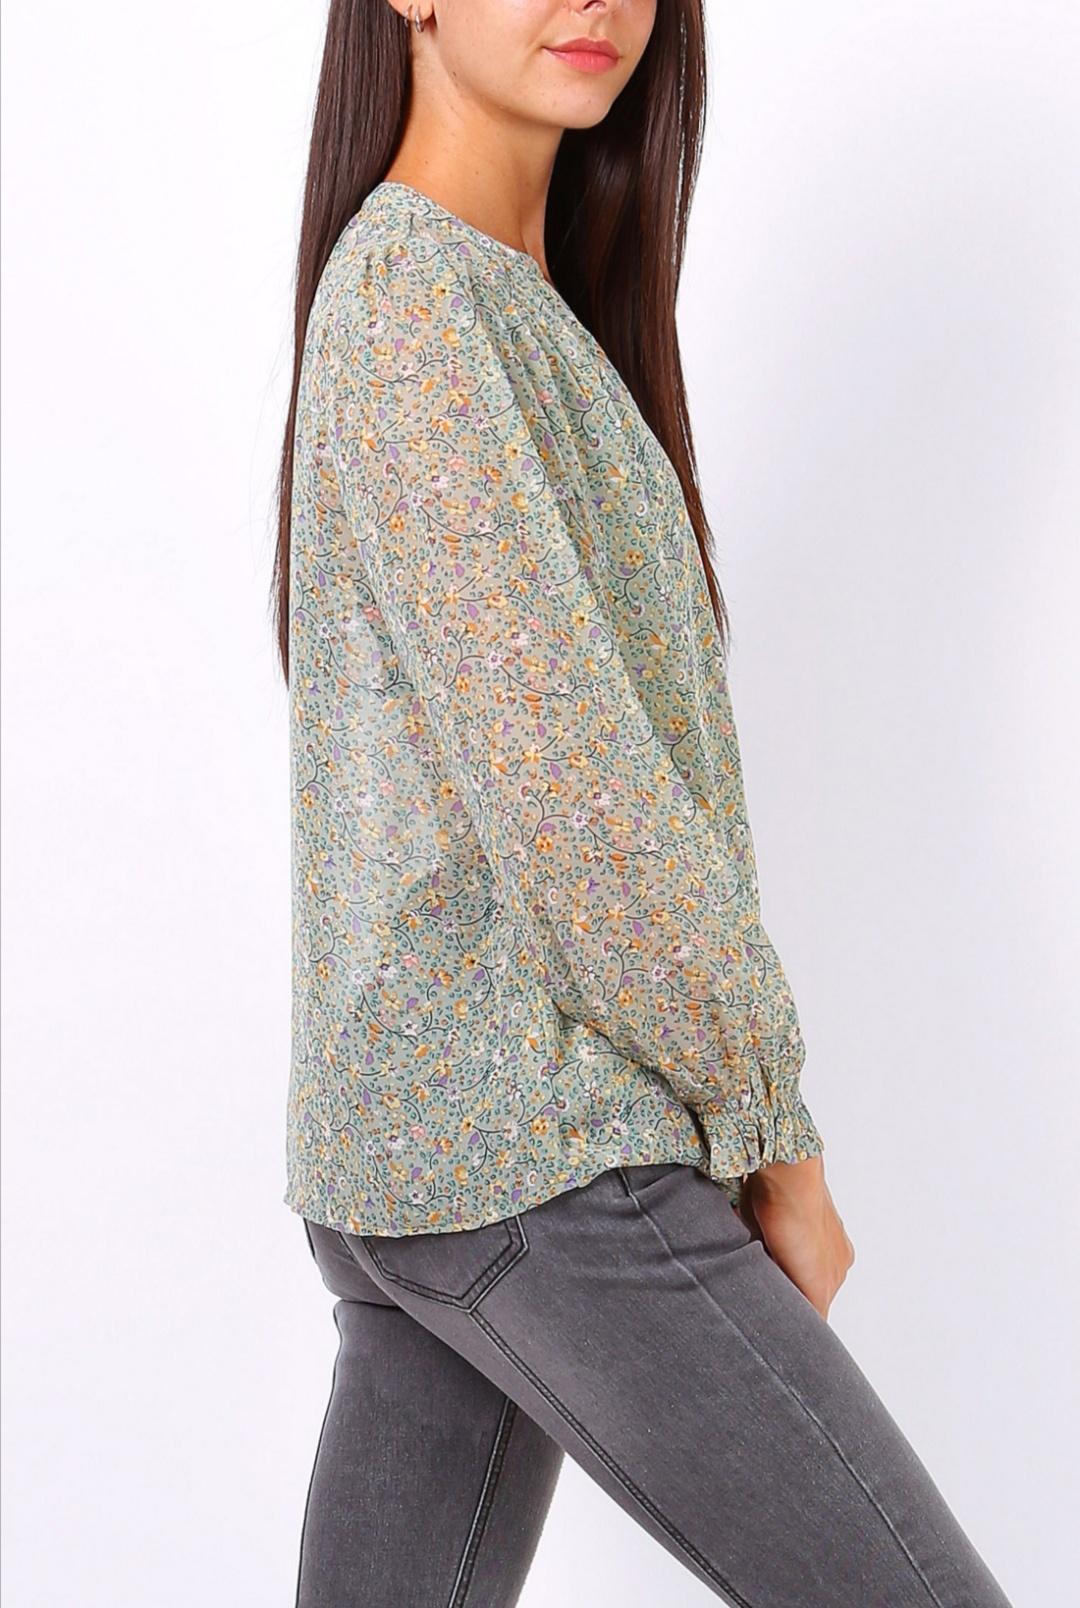 PEPITES blouse ludovique-3